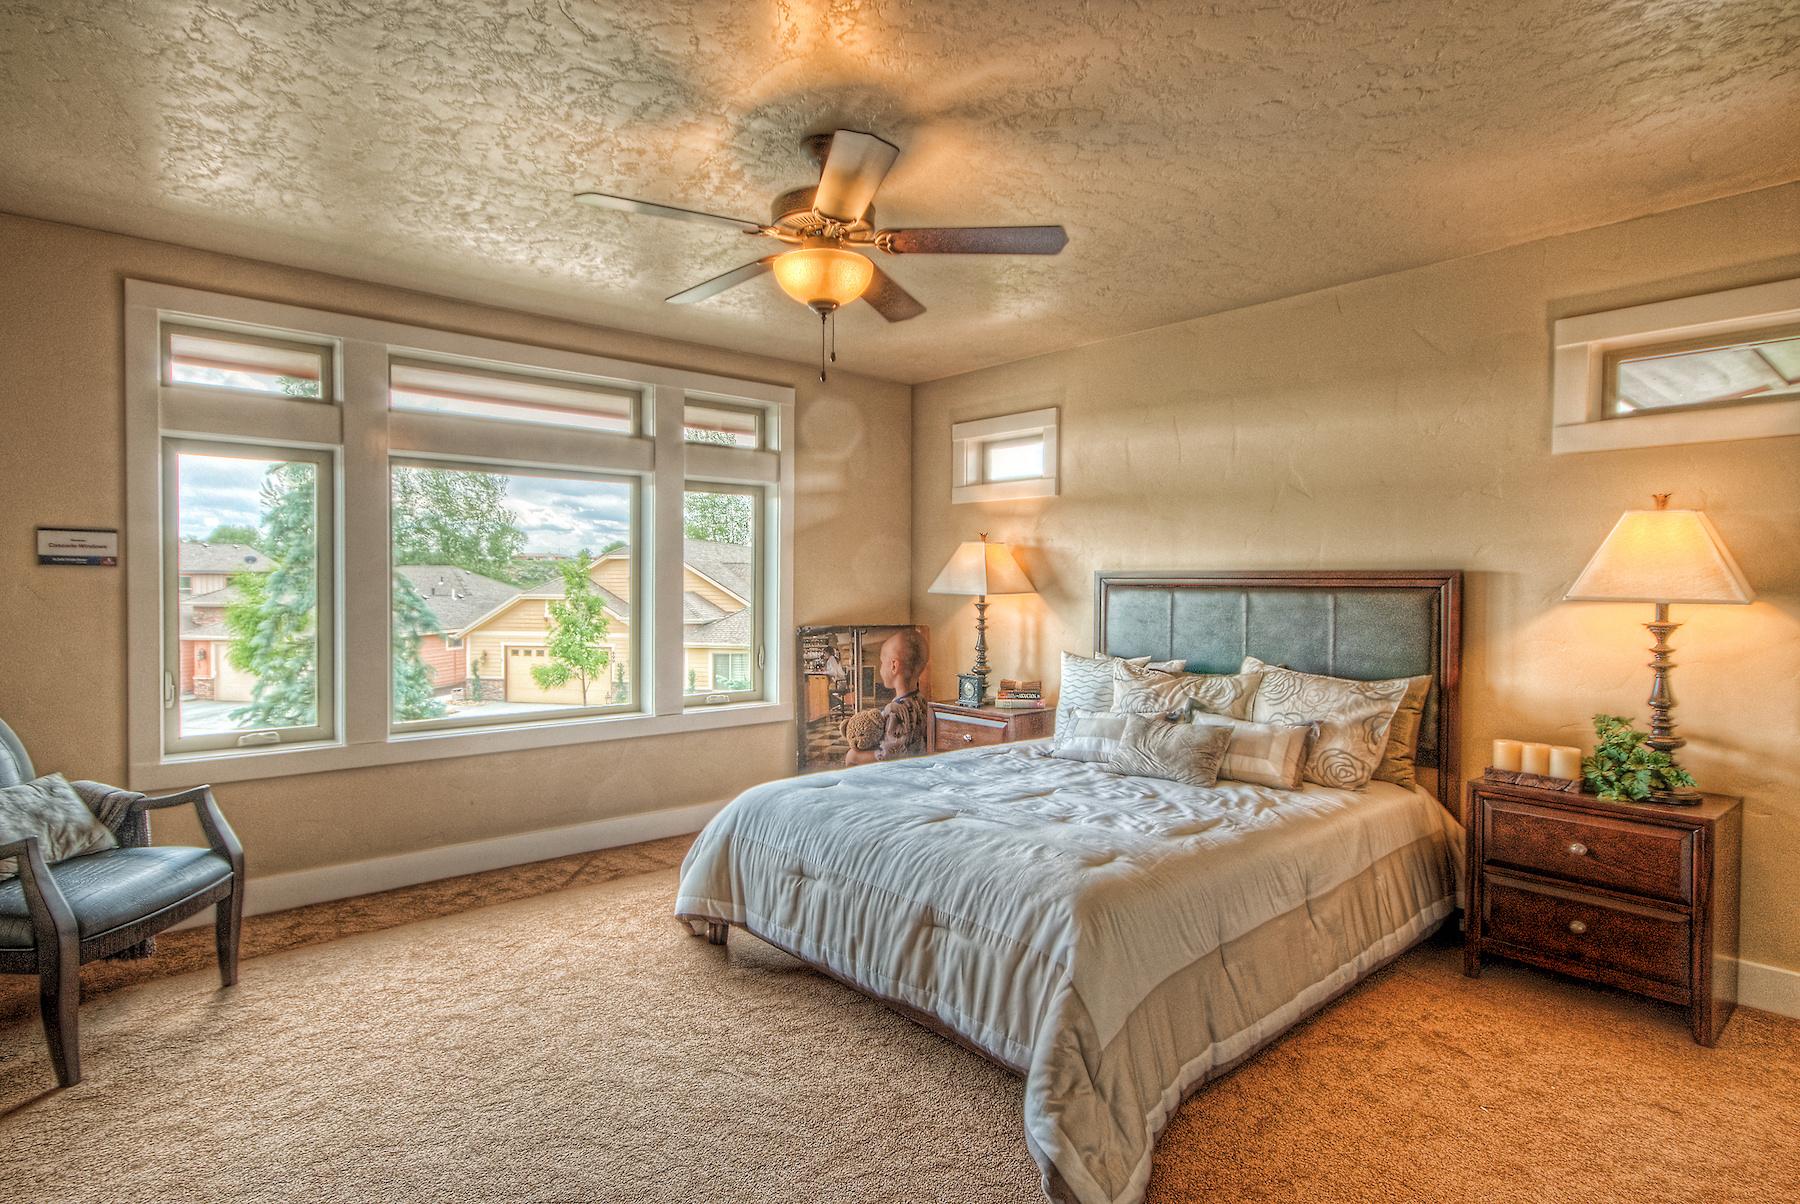 Flynner-Homes-StJude-Residential-Remodel-00006.jpg